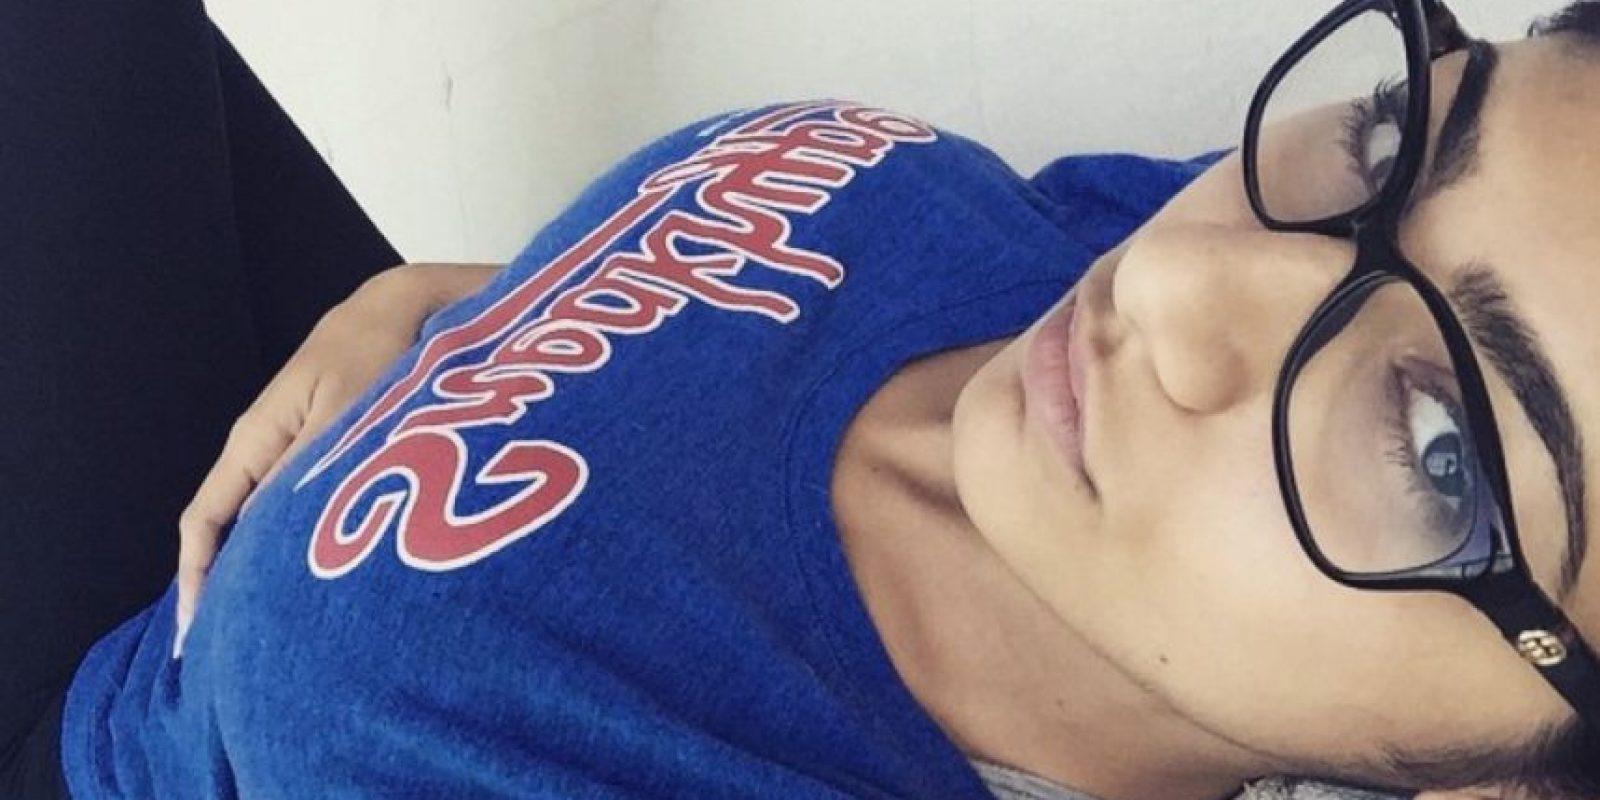 """Tiene varios detractores que la critican por su profesión: """"De todas las mujeres de Líbano se hace famosa una estrella porno. Debemos luchar con nuestros cerebros y vaginas"""", indicó Juliana Yazbeck, feminista de su país. Foto:Vía instagram.com/miakhalifa1"""